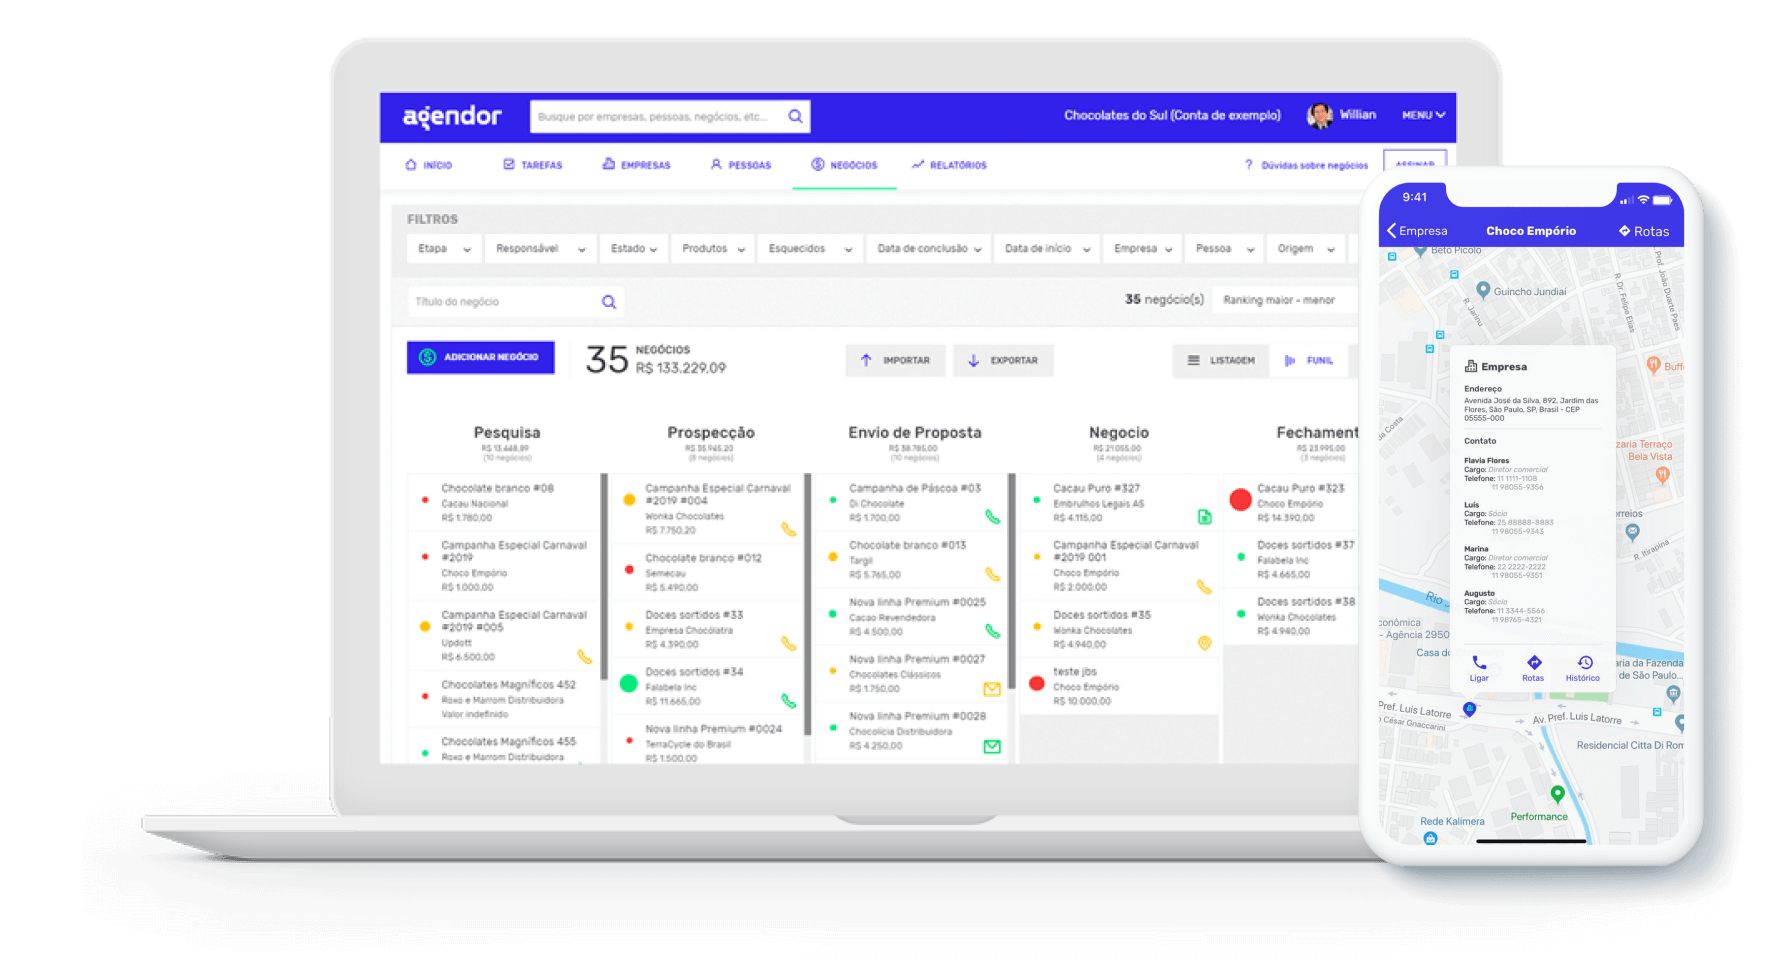 Página inicial do software de gestão de relacionamento com o cliente Agendor.